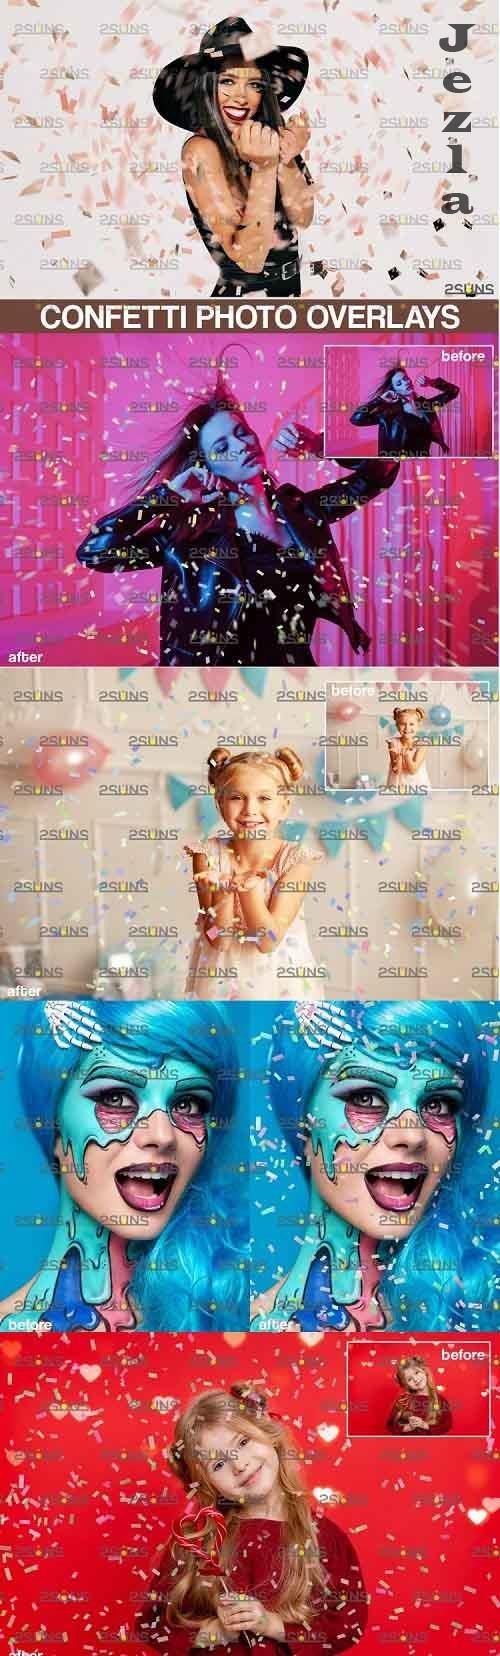 Confetti Photo overlays, Realistic falling Confetti, Png - 905705